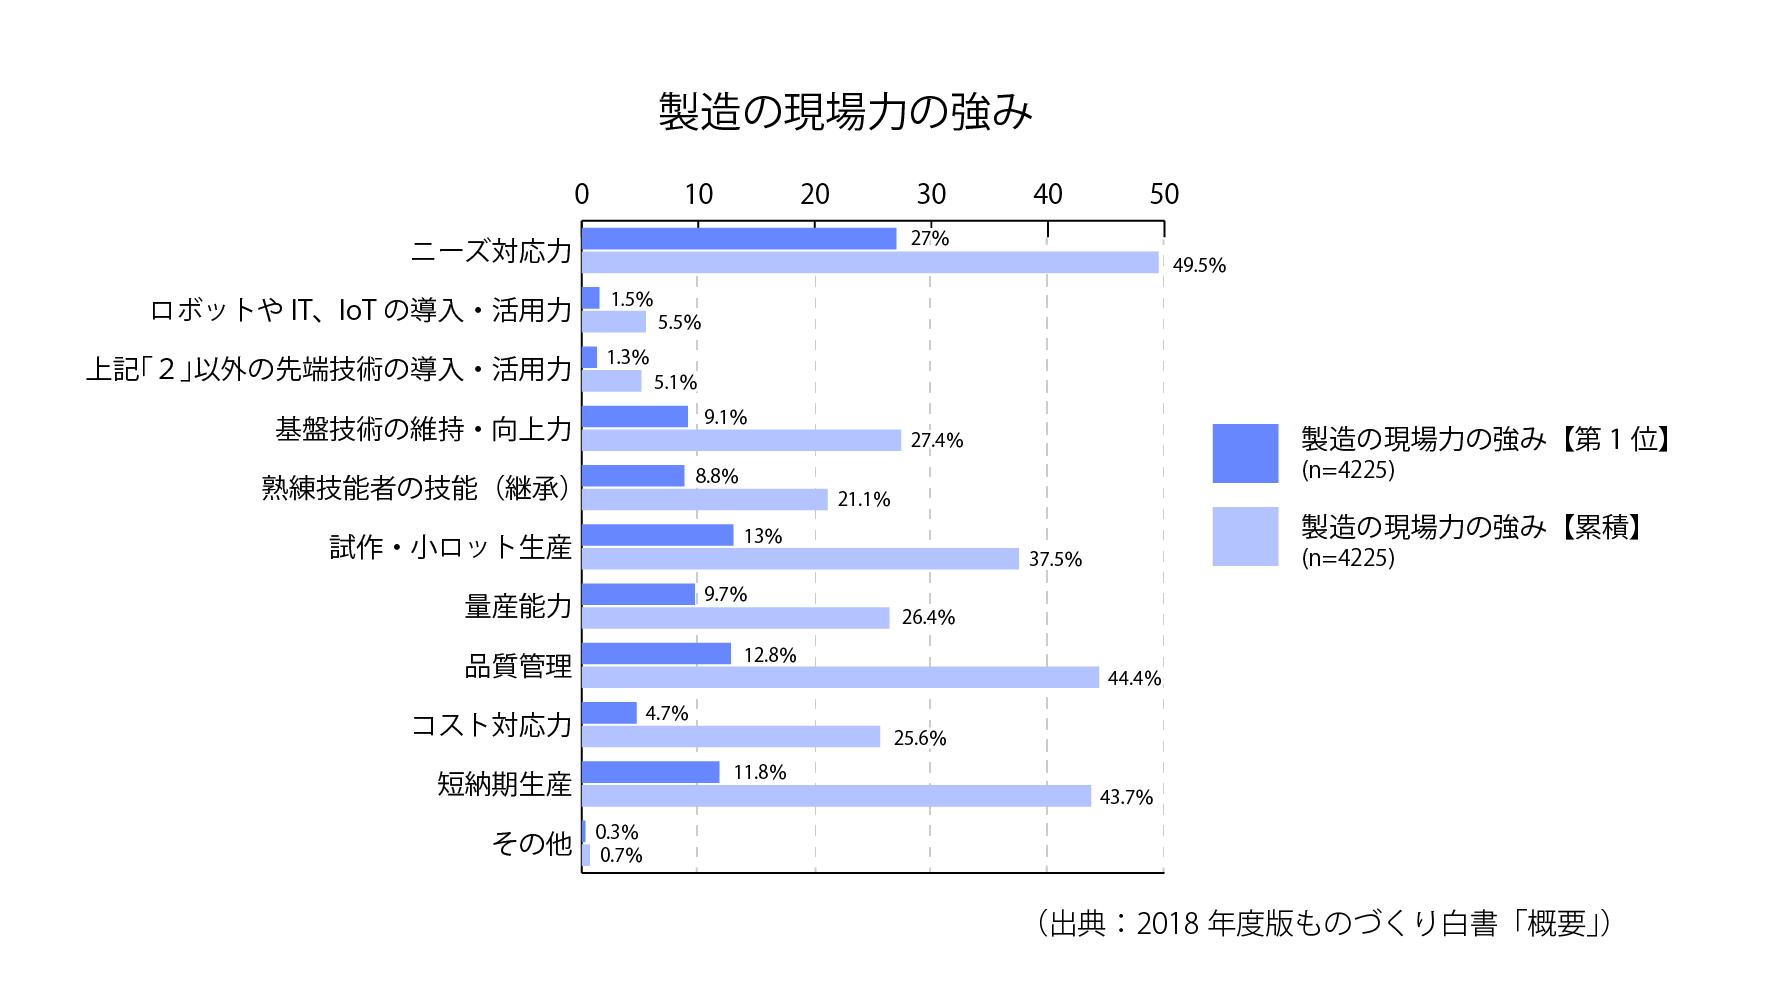 [S10-1]製造の現場力の強み